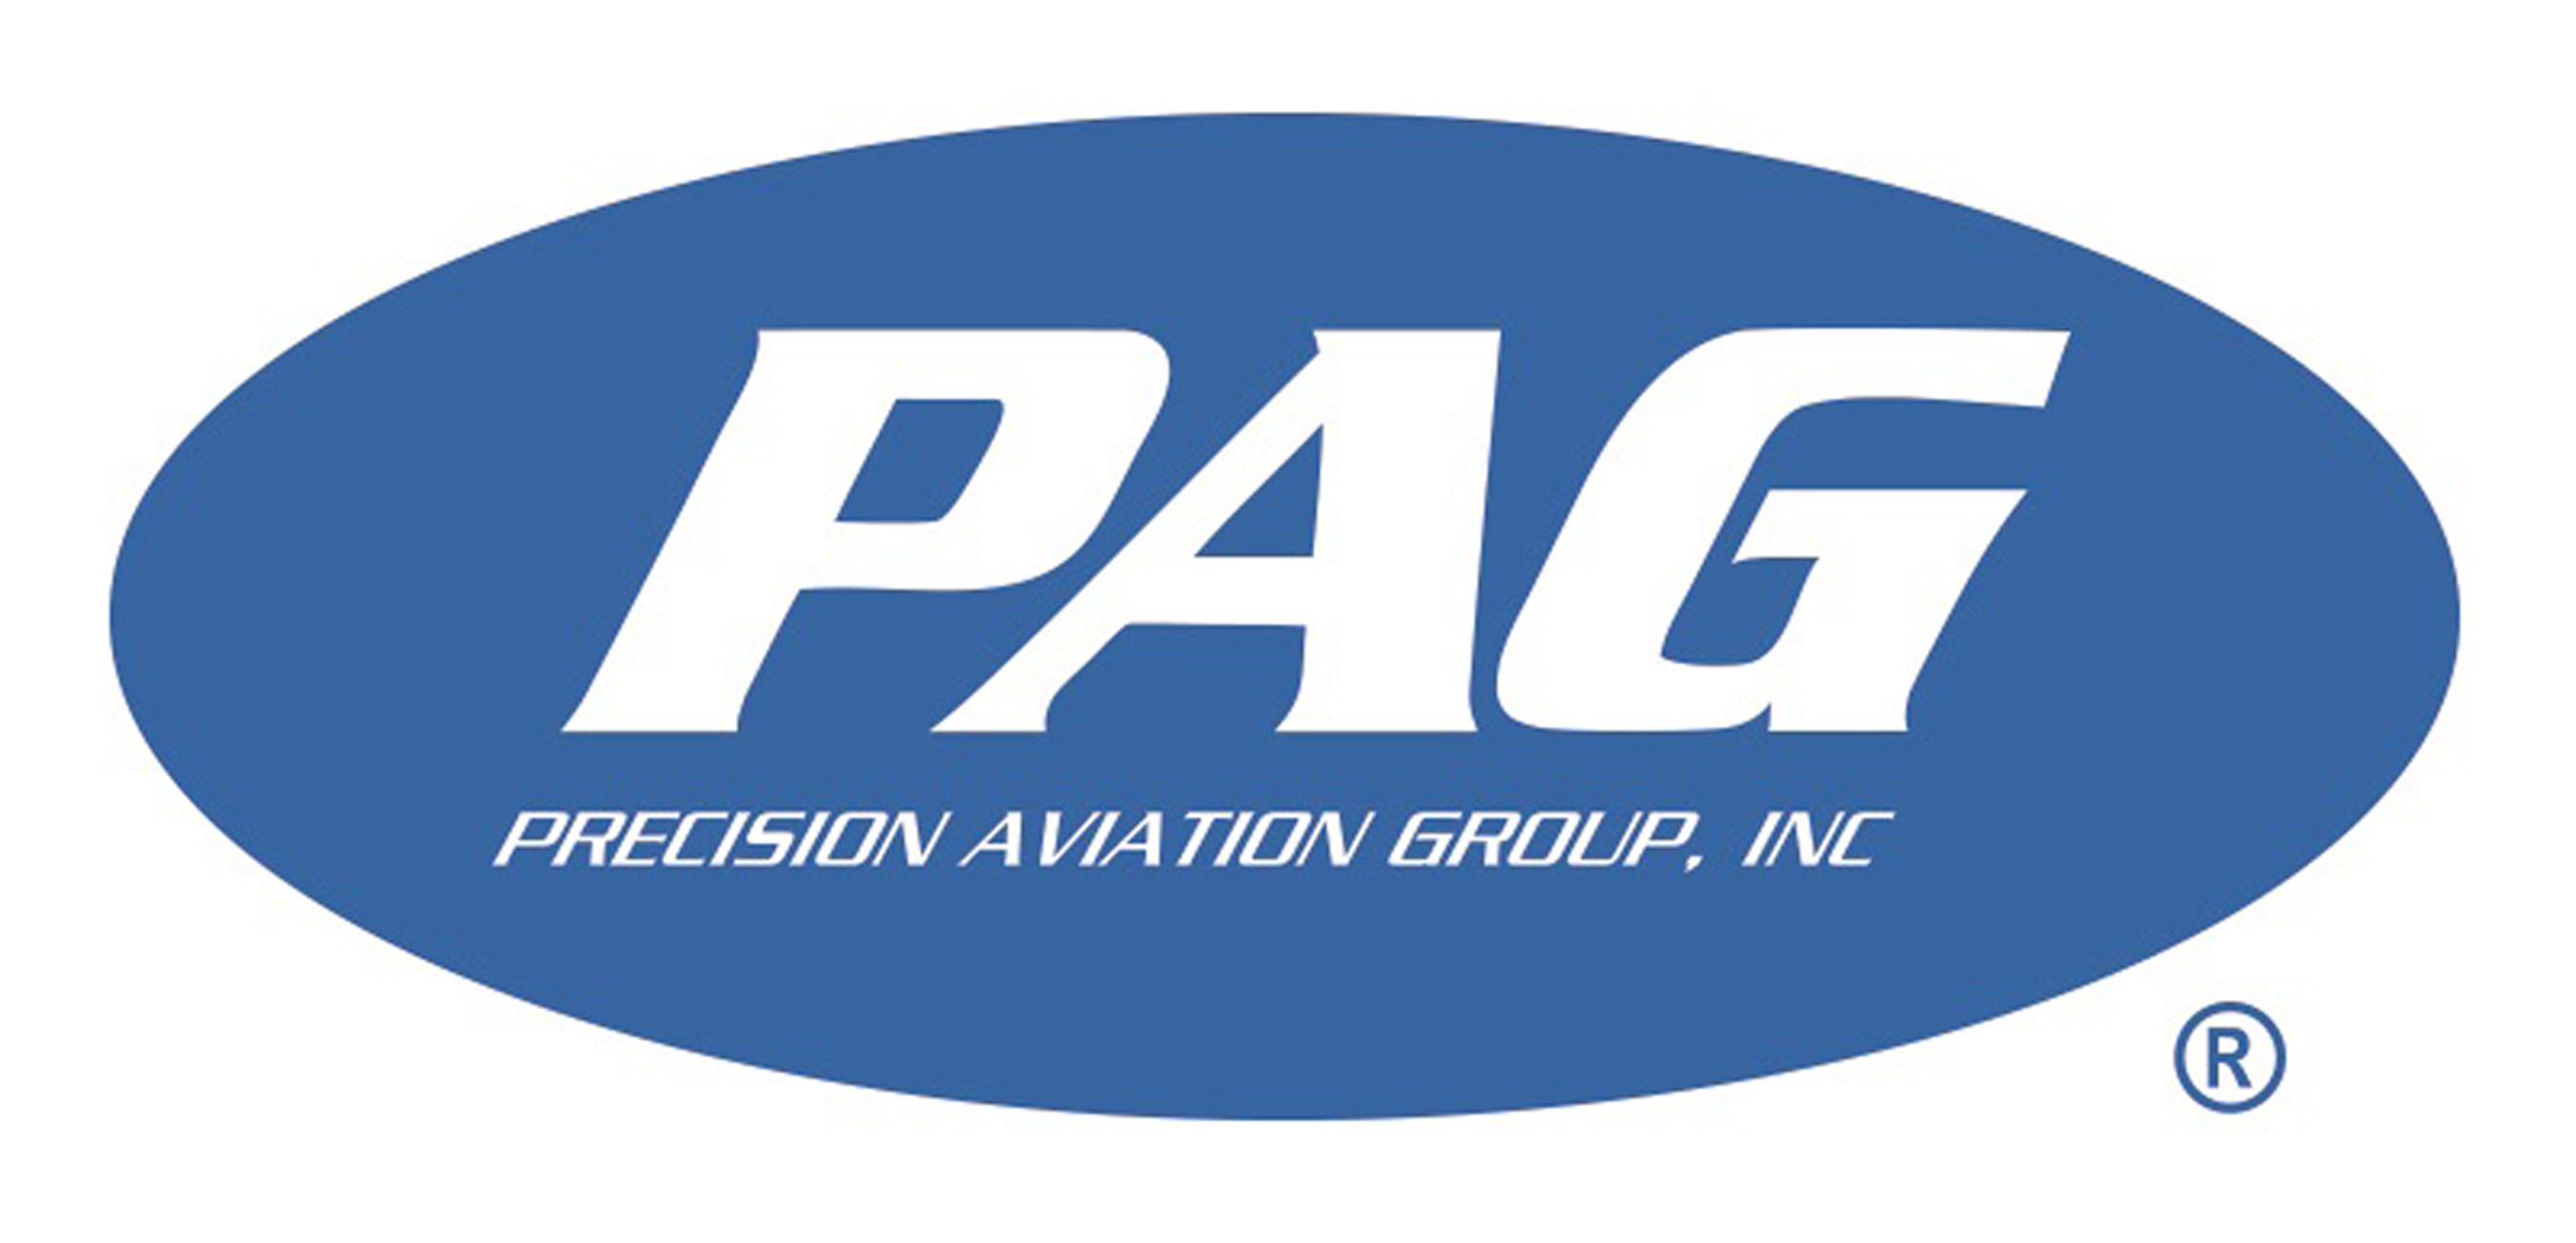 Precision Aviation Group obtém a aprovação CASA e EASA Parte 145 na Austrália